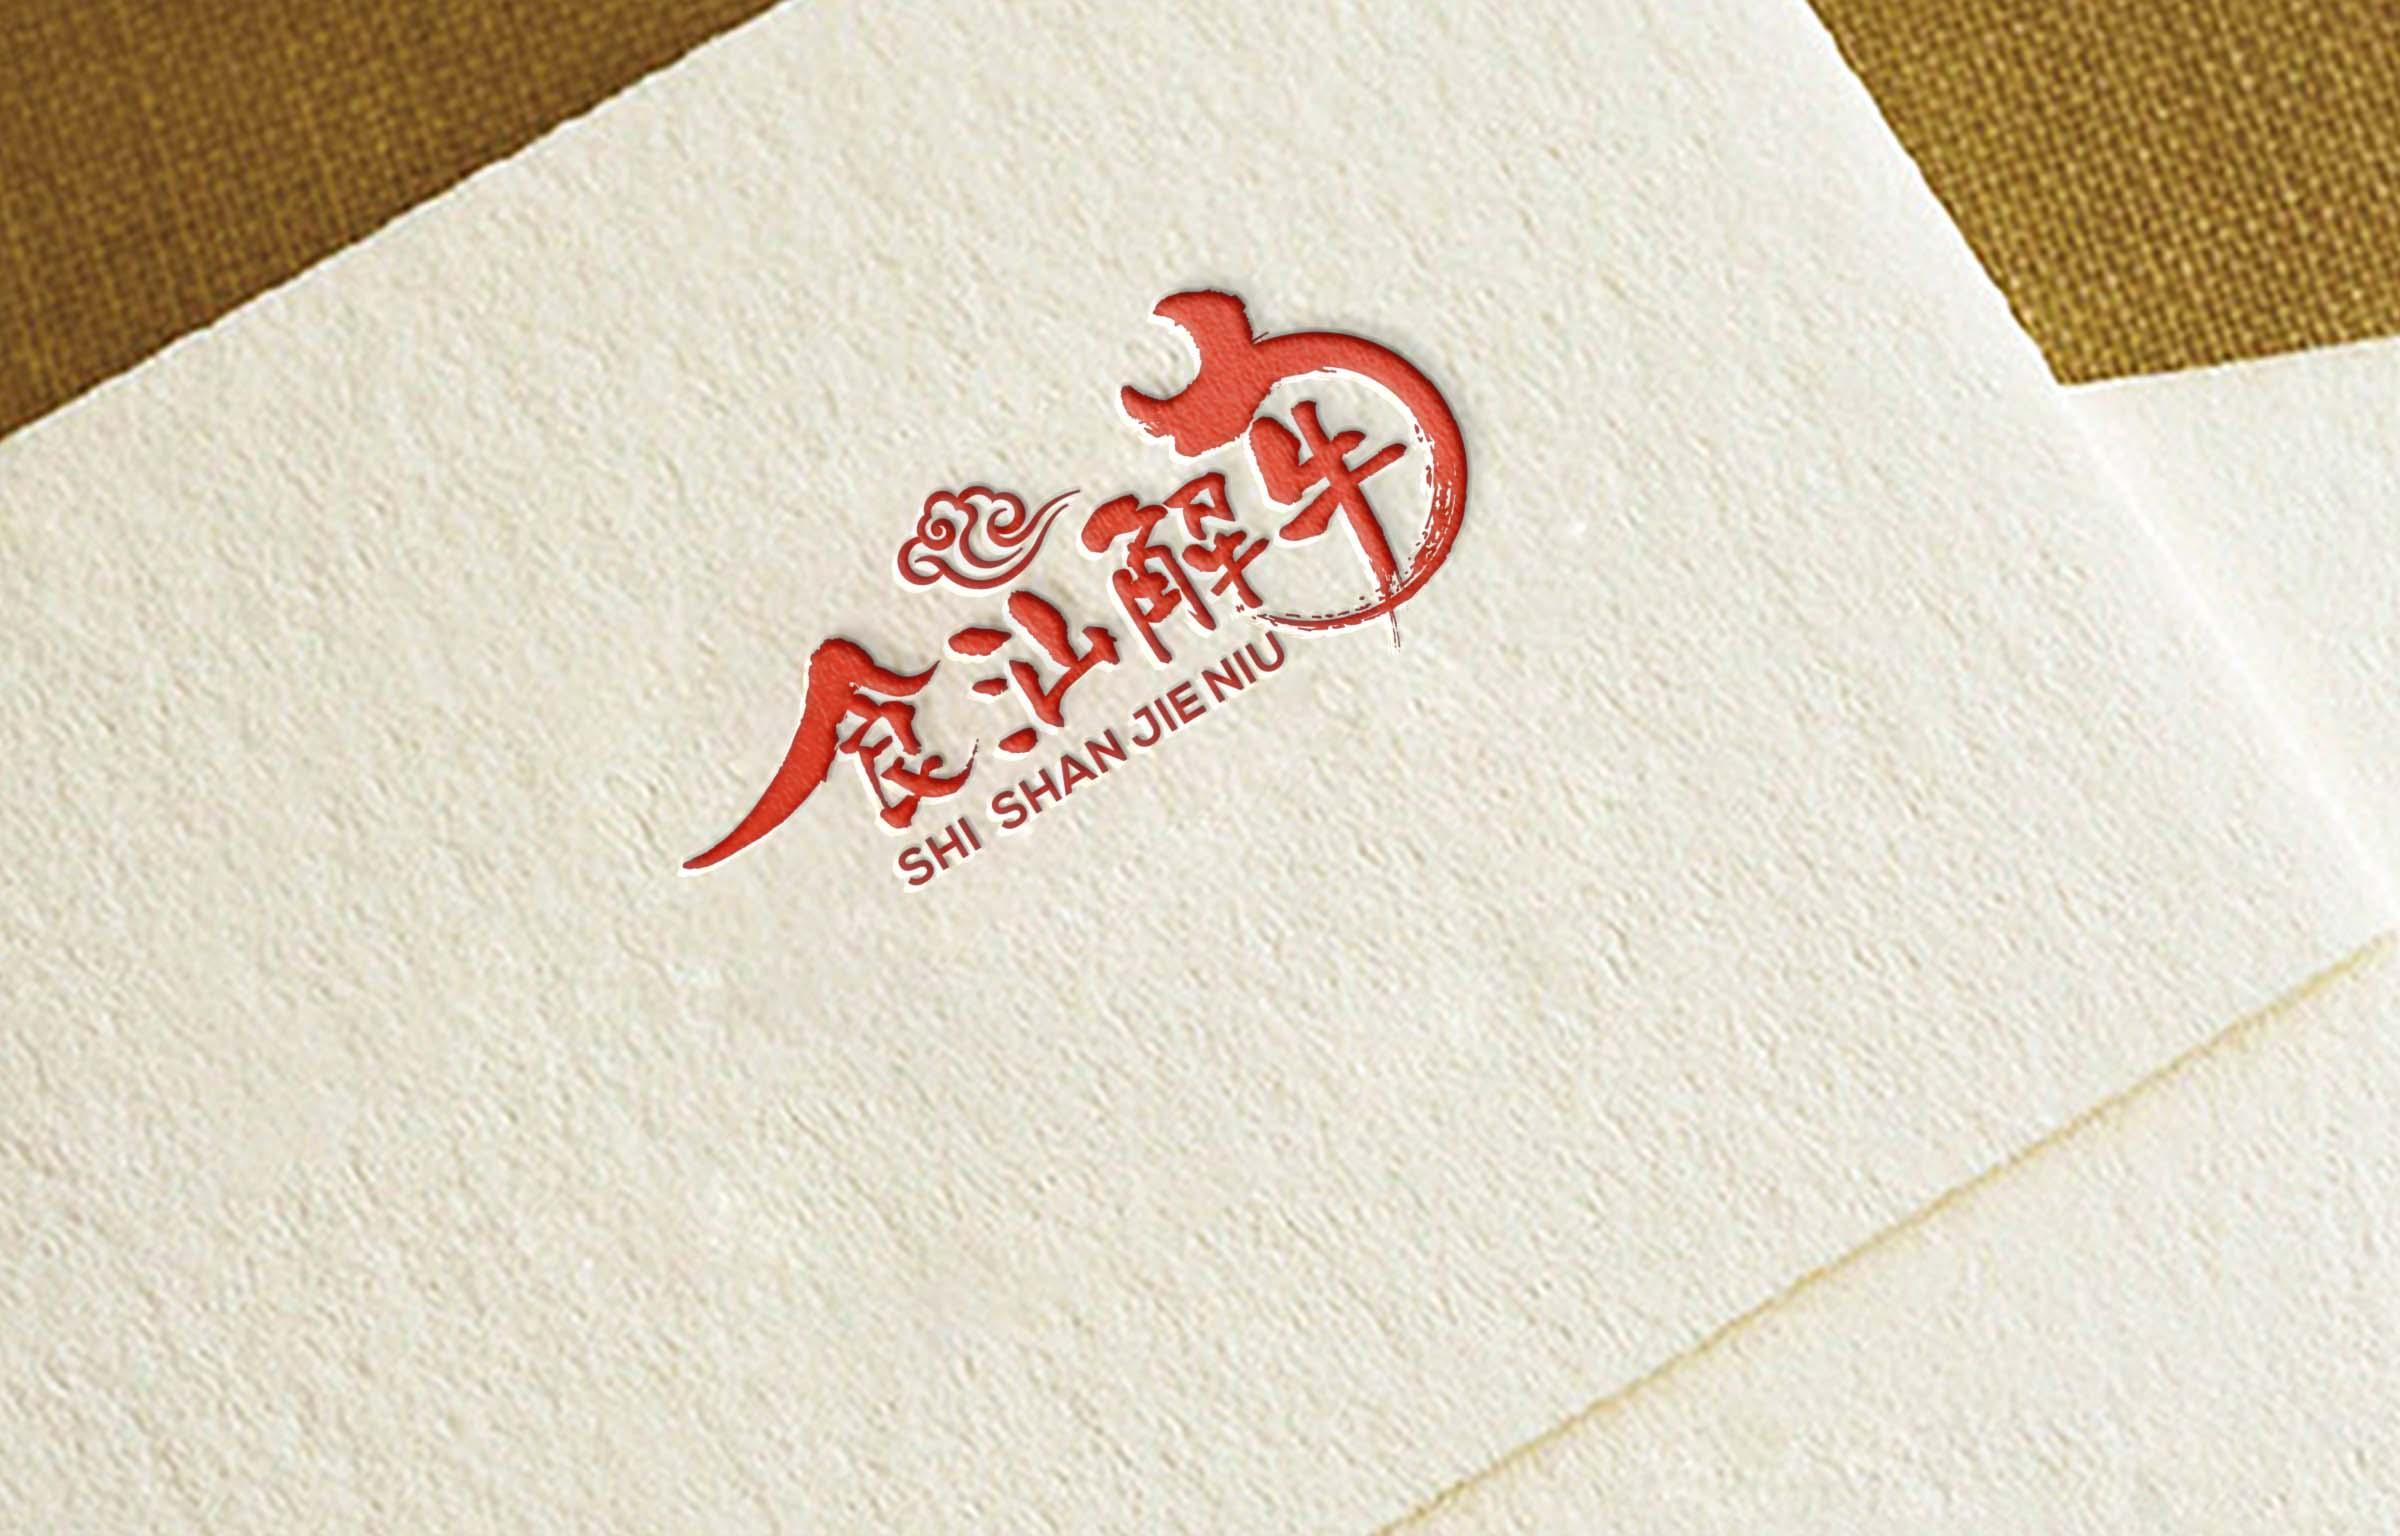 餐饮公司logo设计_2956023_k68威客网